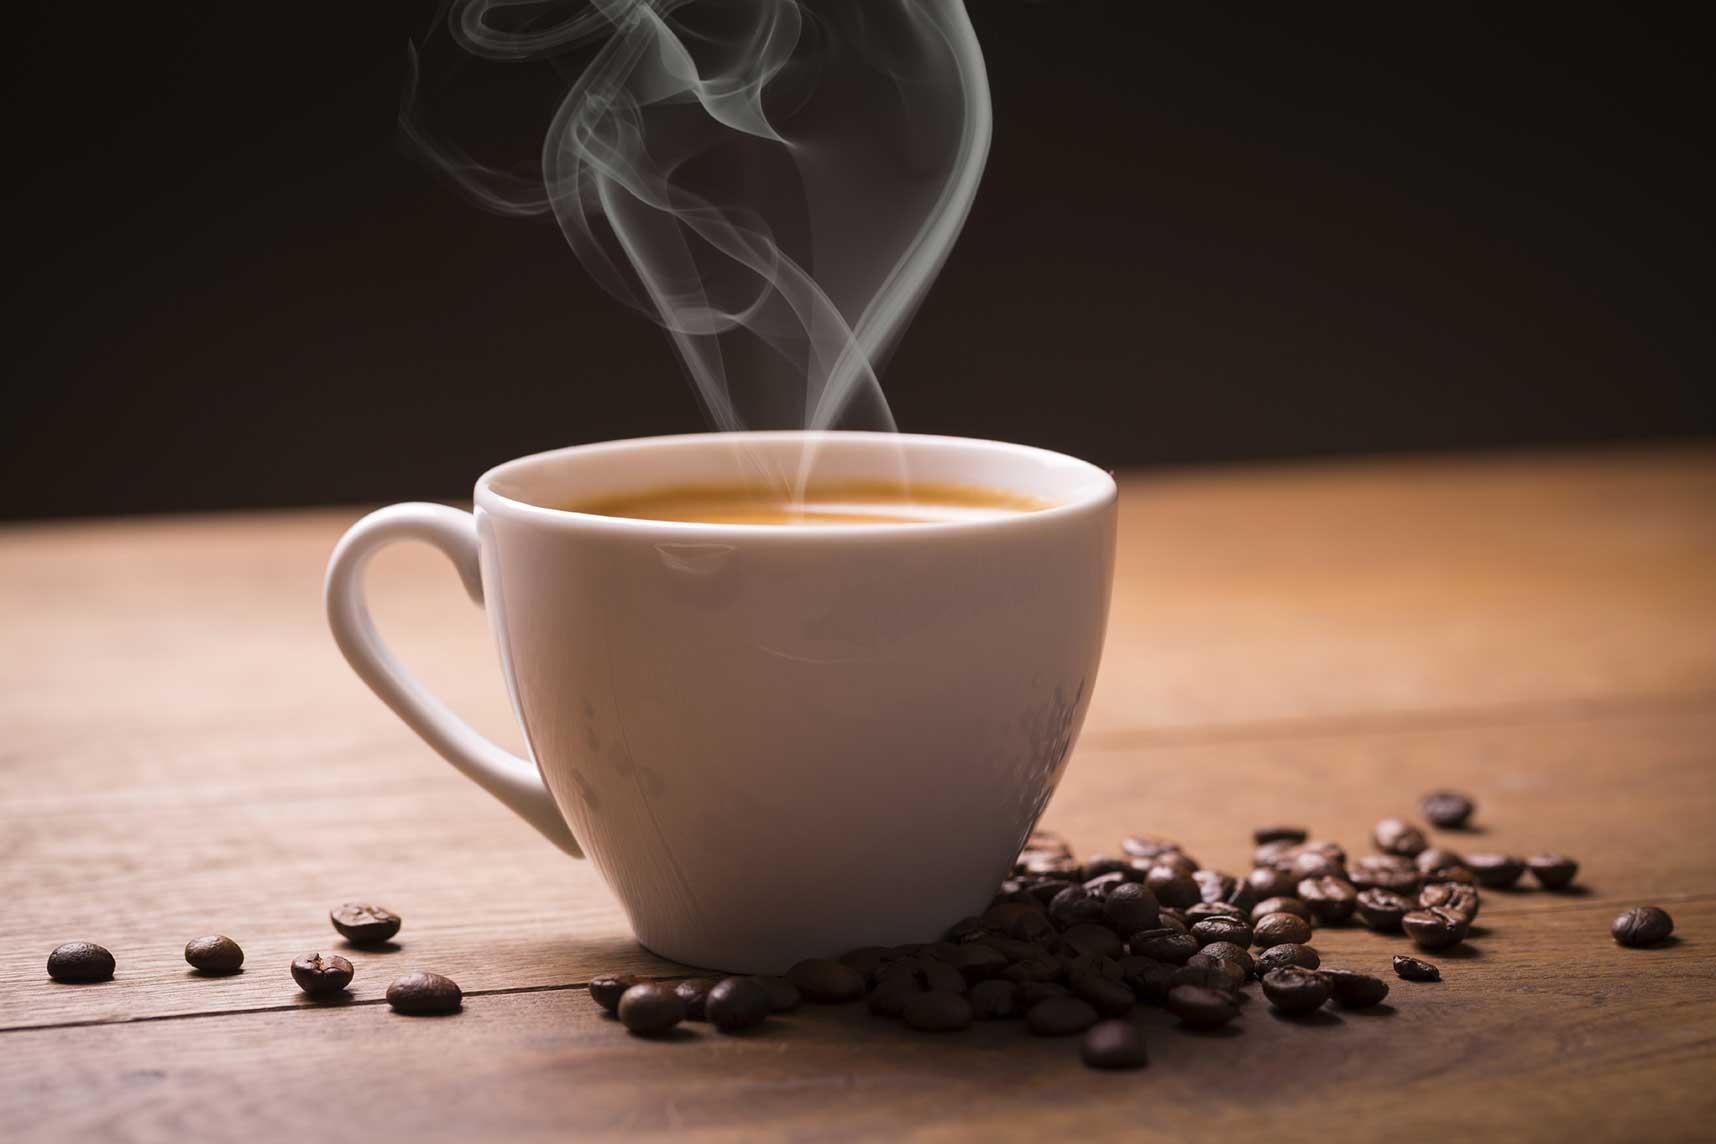 Con coupon di Ebay risparmi sul tuo risveglio, buon caffe a poco prezzo GosuMania